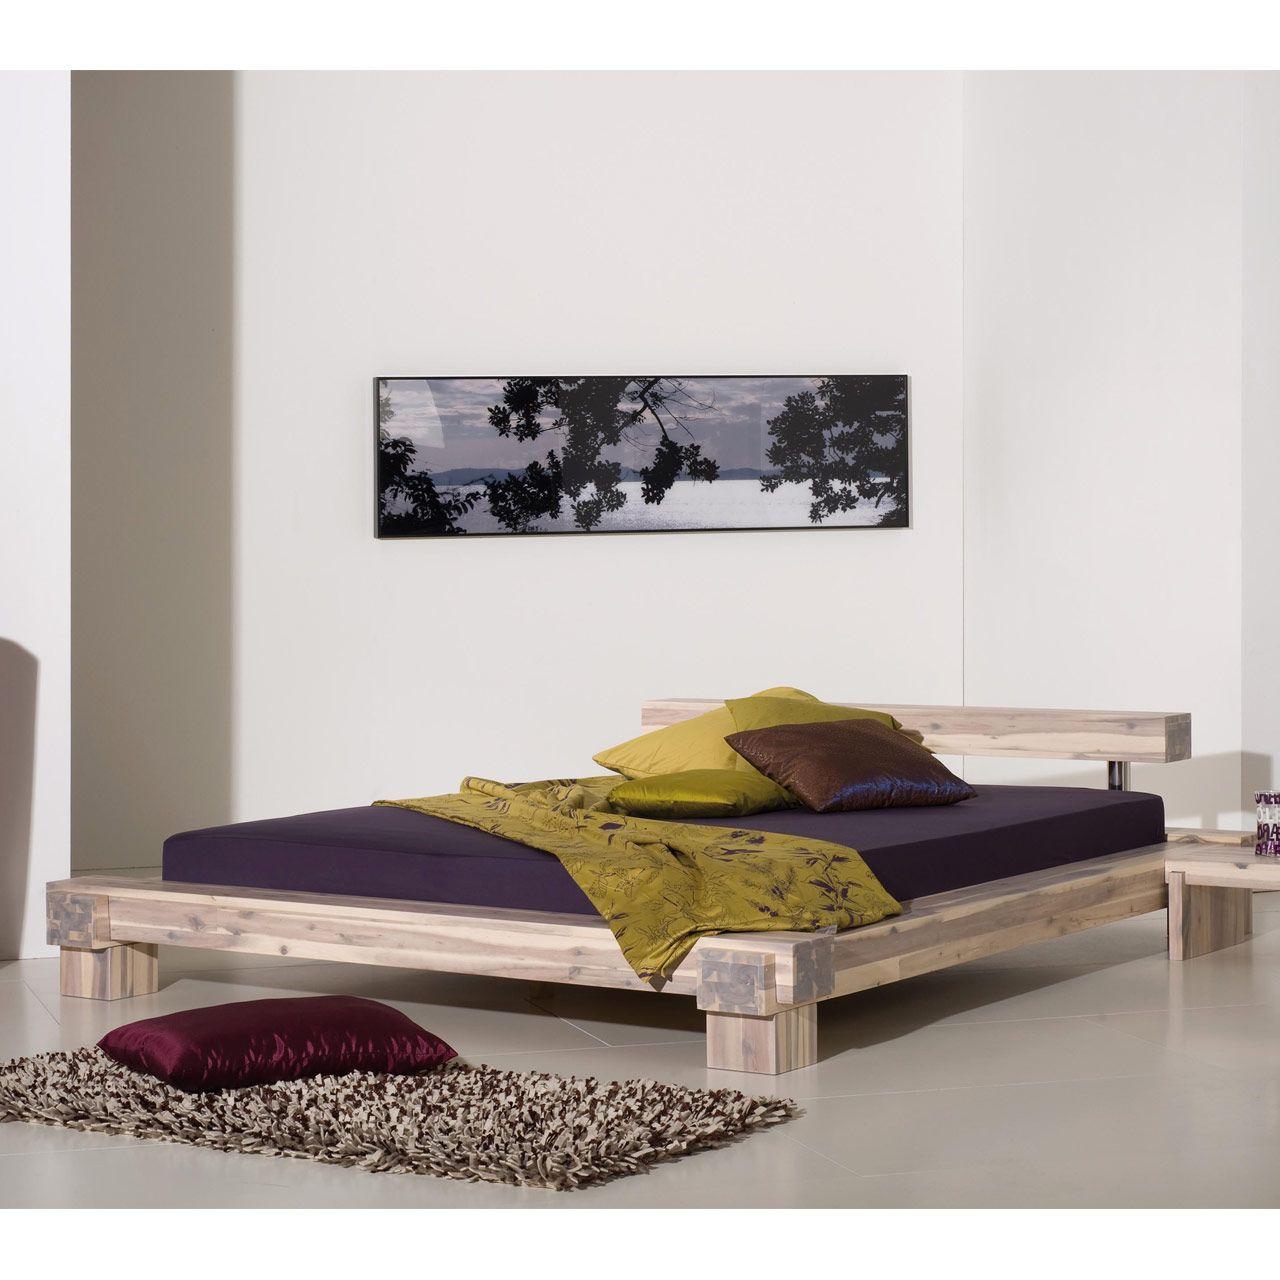 Holzbett 1 40 2 00 Fresh Massivholzbett Doppelbett Holzbett Bett Balkenbett Akazie Furniture Futon Living Room Bed Design